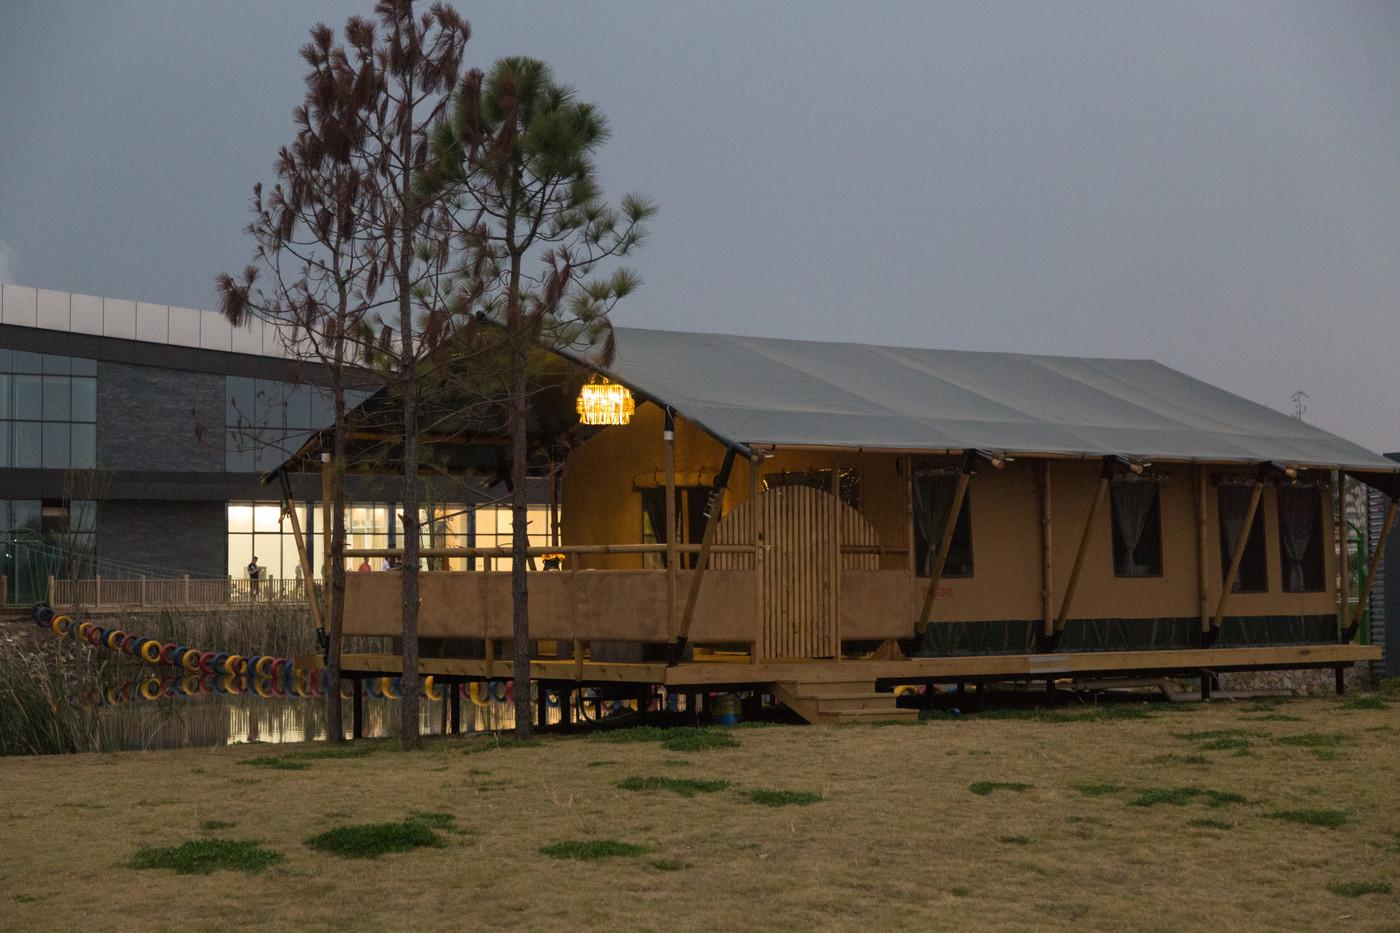 喜马拉雅野奢帐篷酒店—浙江留香之家露营地帐篷酒店(78平)12